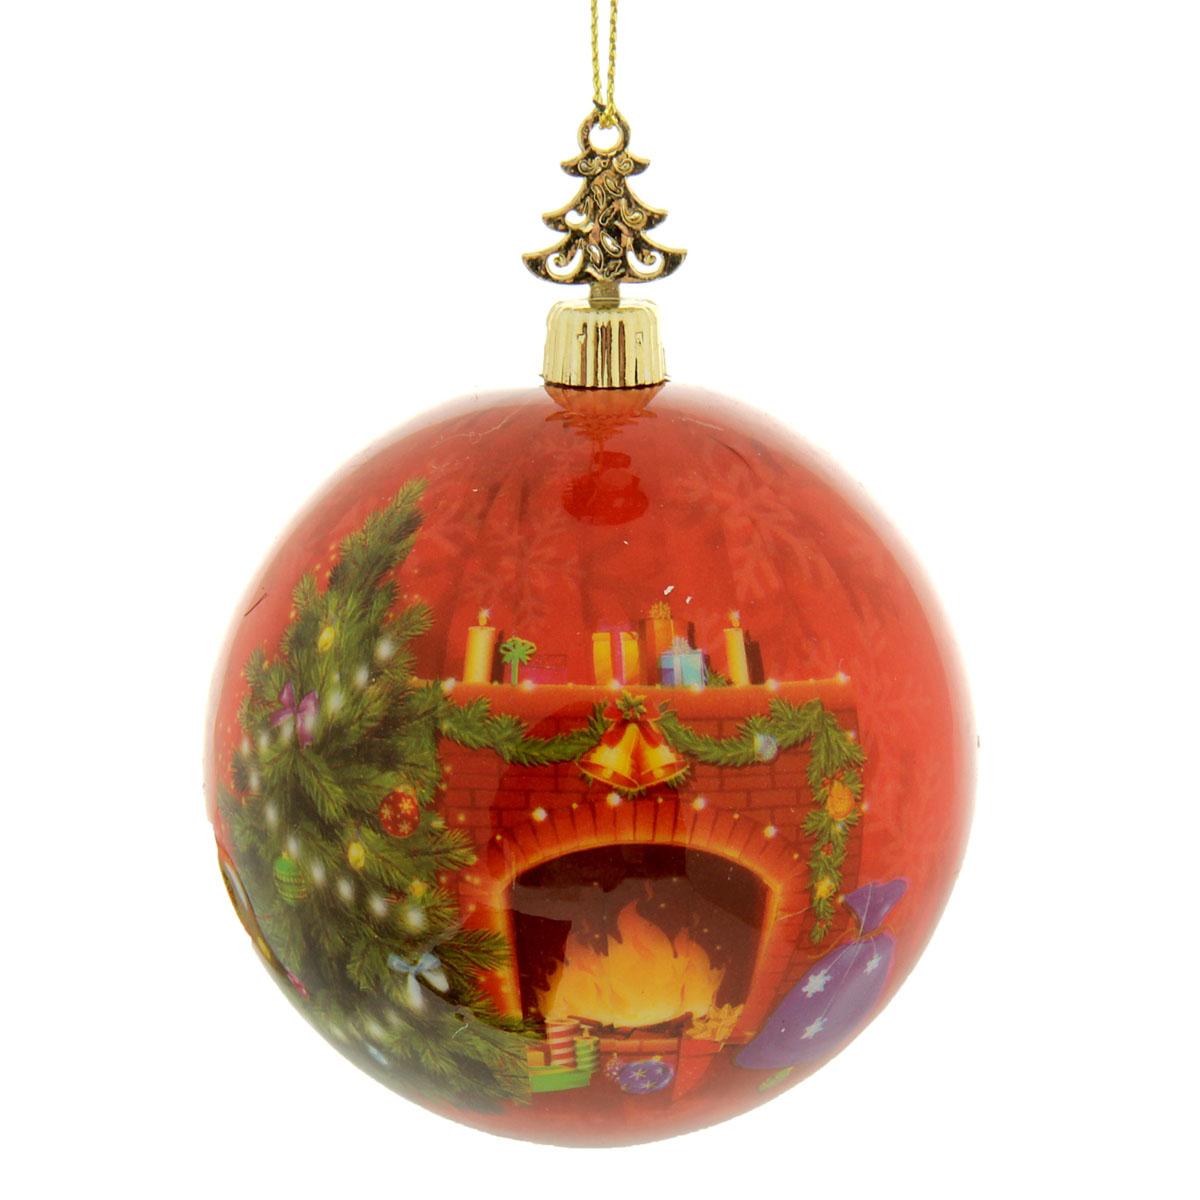 Новогоднее подвесное украшение Sima-land Шар Счастливого Нового года!, диаметр 8 см279332Новогоднее подвесное украшение Sima-land выполнено из высококачественного пенопласта в форме шара и покрыто цветной пленкой. Шар декорирован новогодним рисунком и пожеланиями. С помощью специальной петельки украшение можно повесить в любом понравившемся вам месте. Но, конечно, удачнее всего такой набор будет смотреться на праздничной елке. Елочная игрушка - символ Нового года. Она несет в себе волшебство и красоту праздника. Создайте в своем доме атмосферу веселья и радости, украшая новогоднюю елку нарядными игрушками, которые будут из года в год накапливать теплоту воспоминаний. Материал: пенопласт, пленка, текстиль.